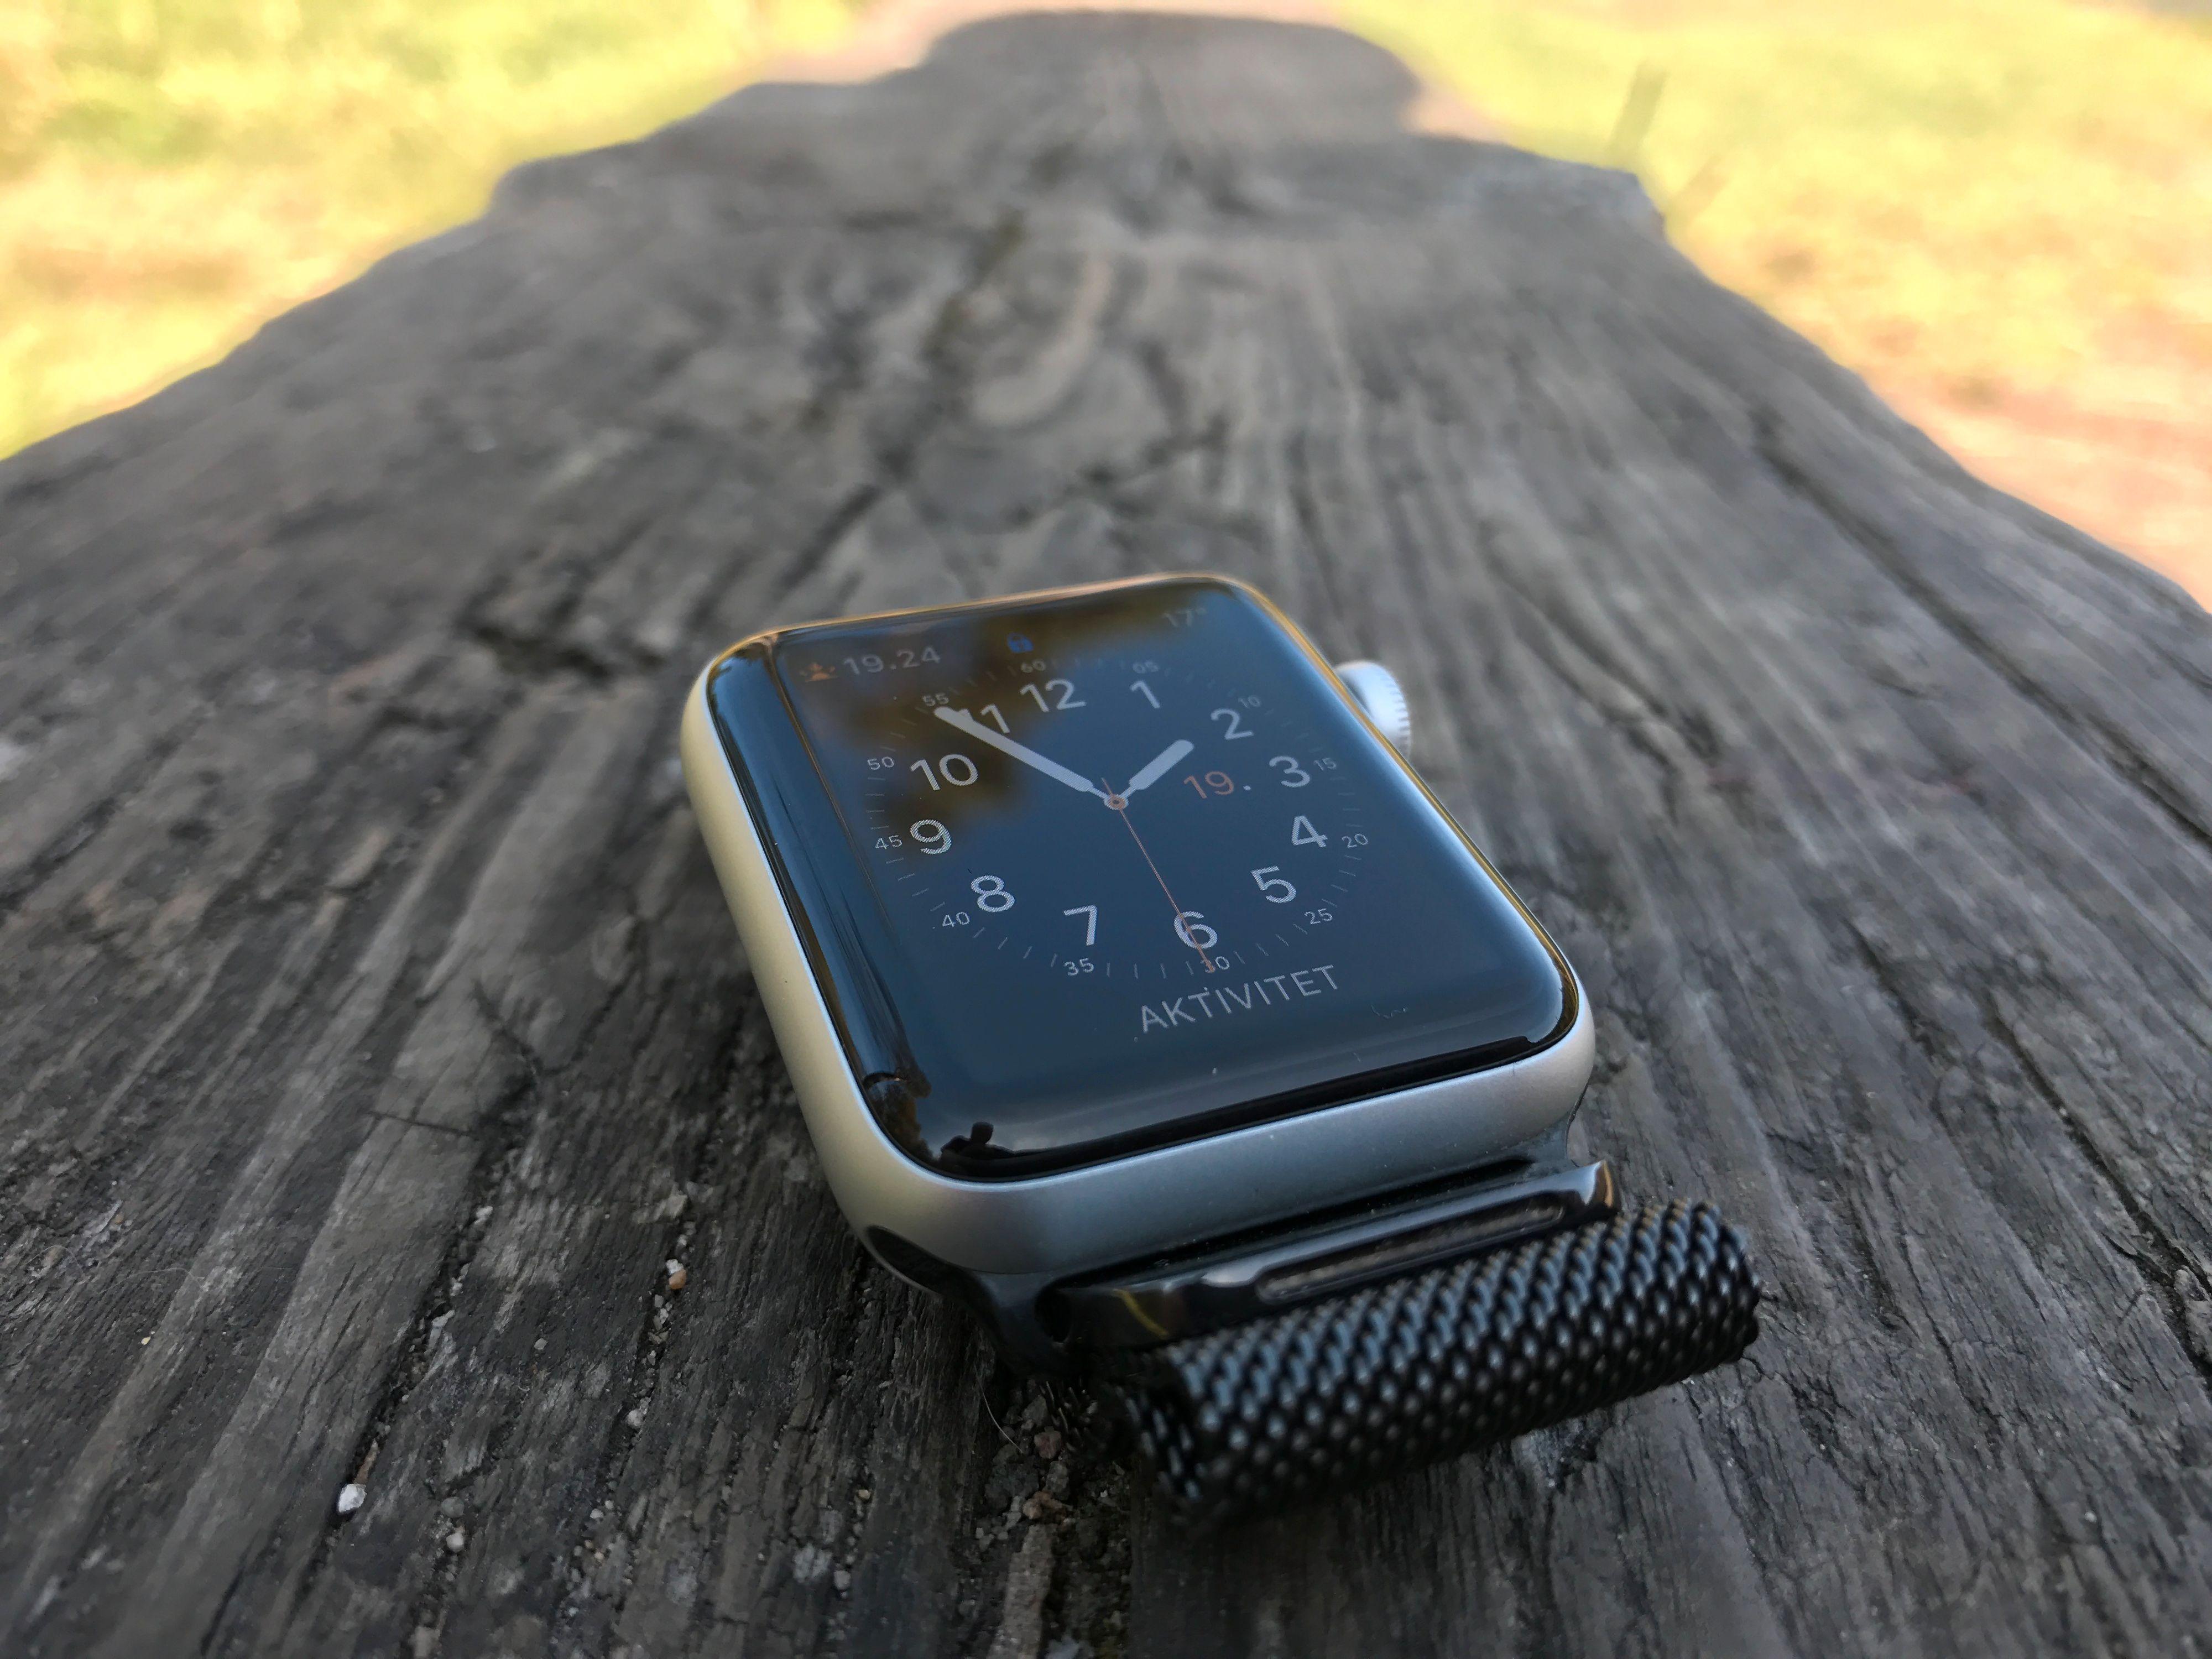 Apple Watch series 2 ble sluppet på samme arrangement for ett år siden. Den gang fikk den GPS, raskere maskinvare og en saftig programvareoppdatering. Den ble også tett nok til svømmeturer. Nå ryktes det at den blir enda mindre avhengig av mobilen.